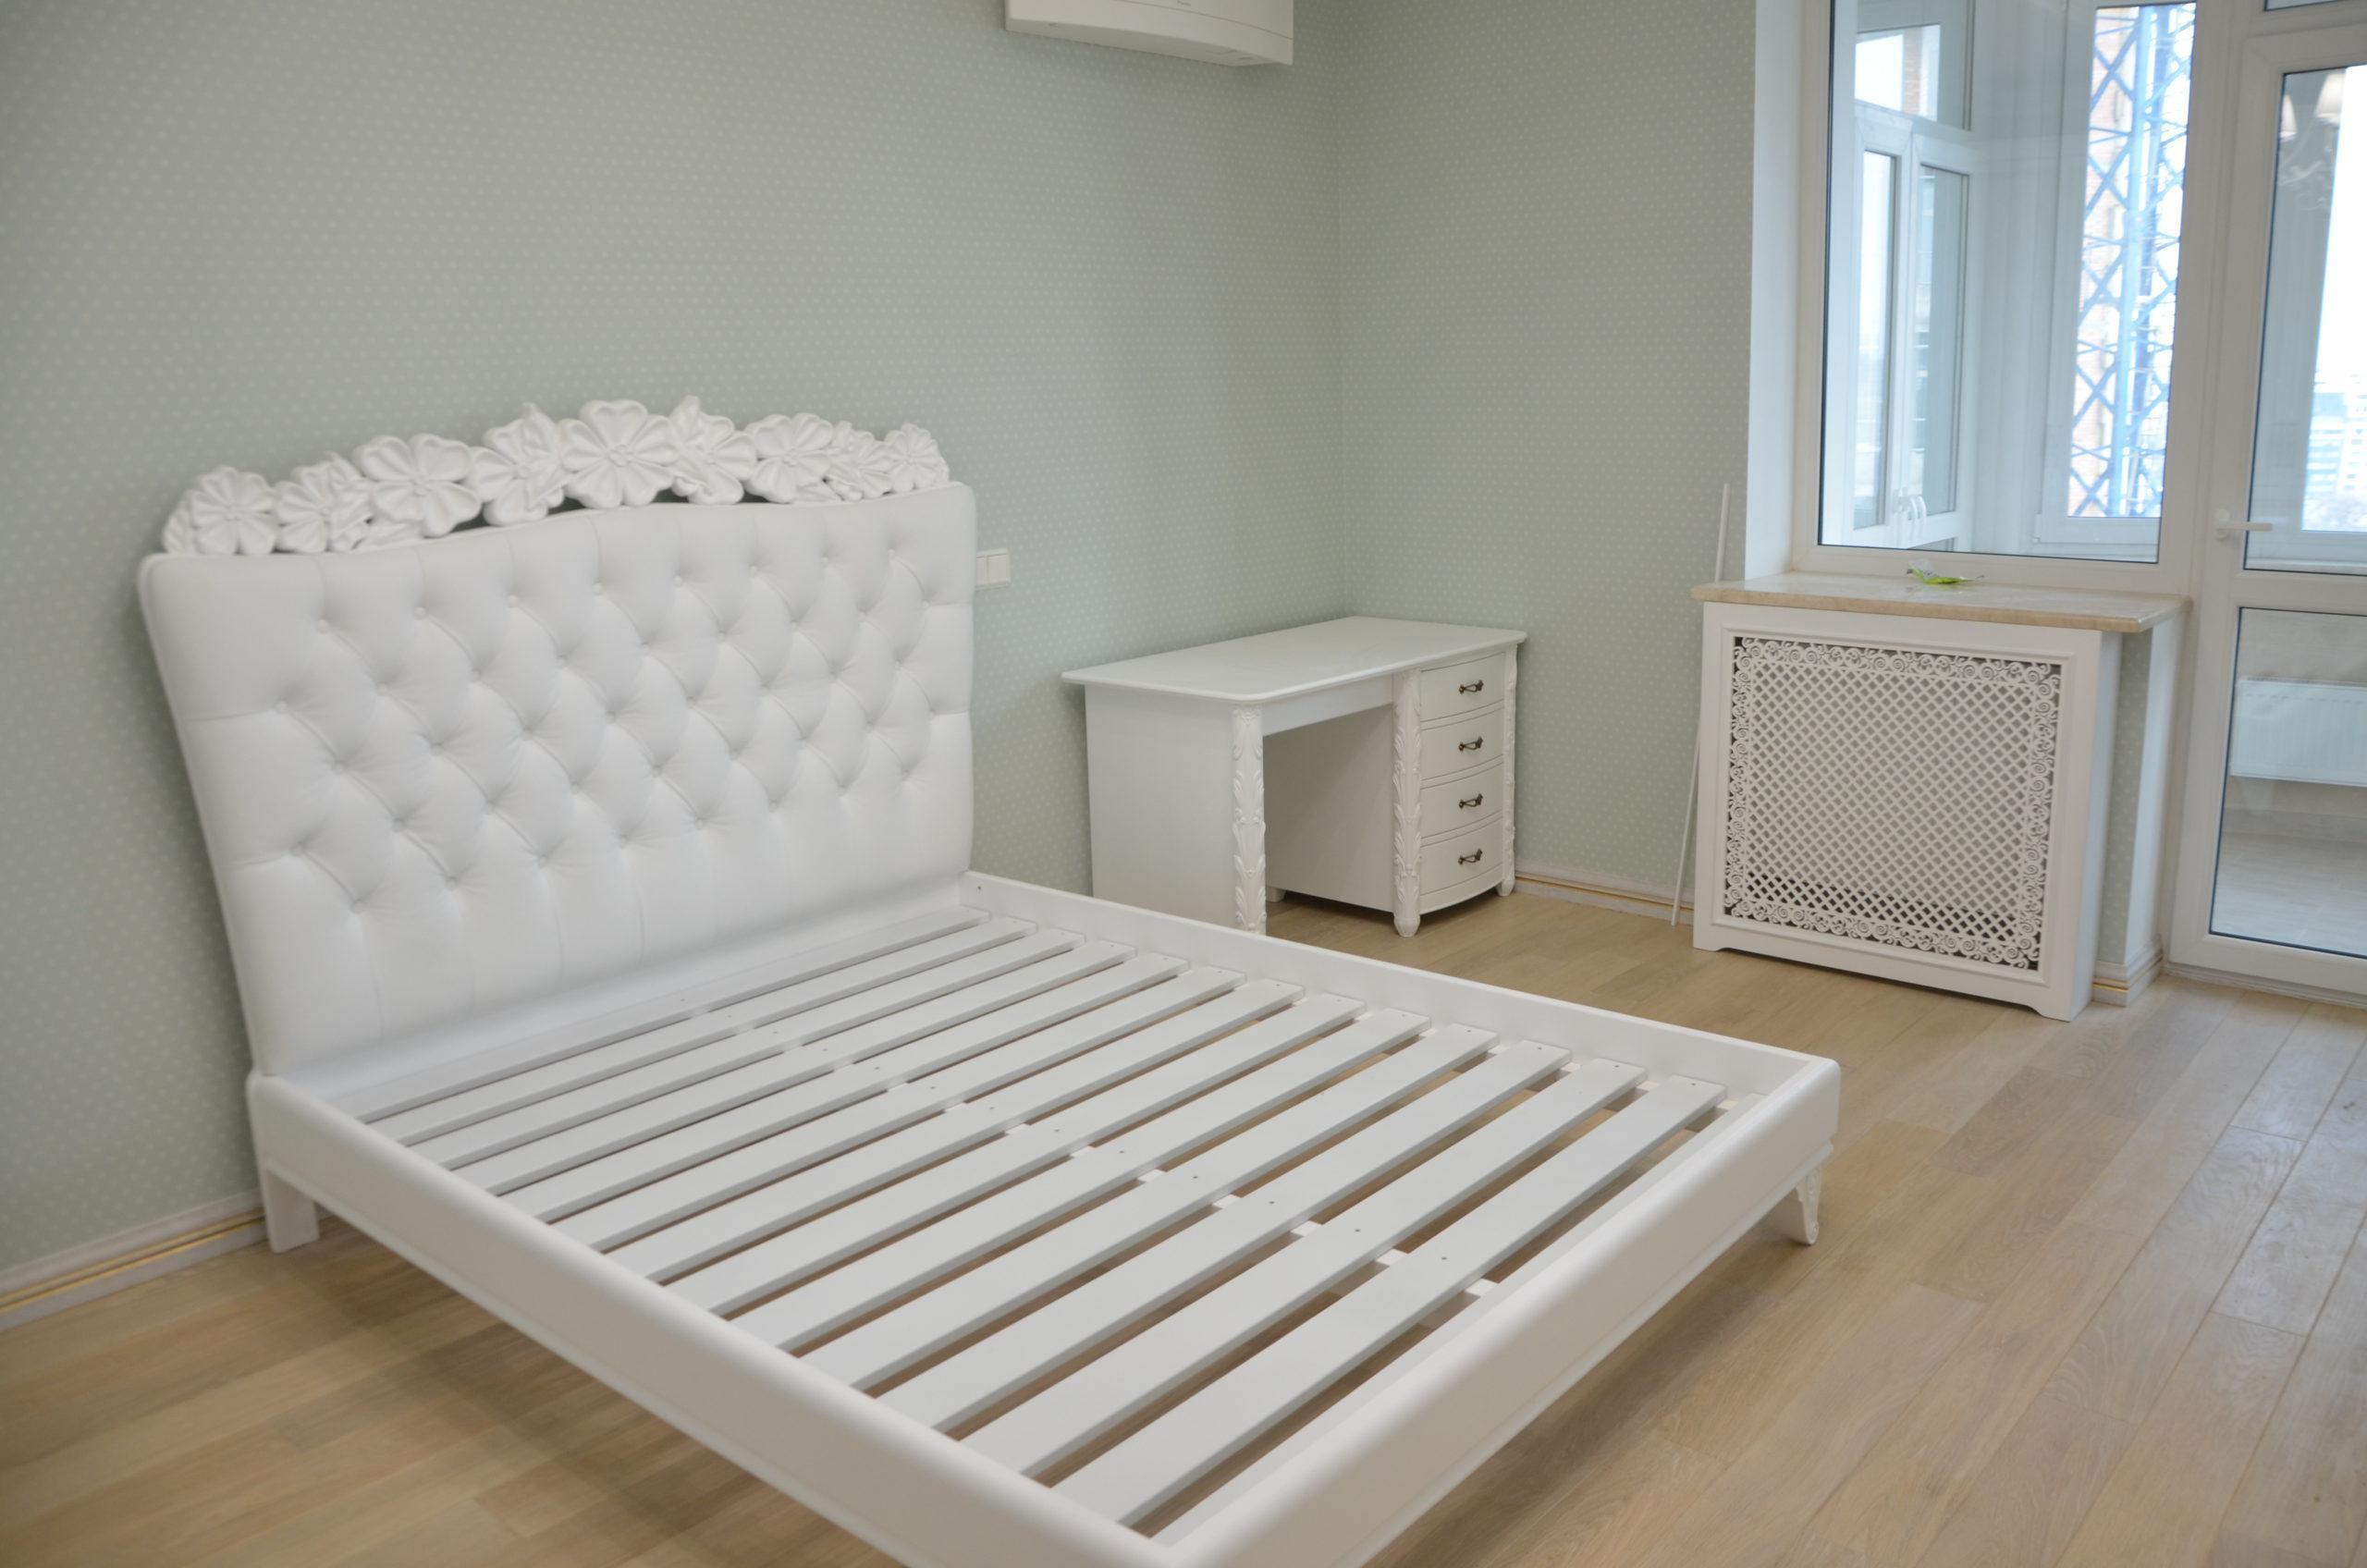 Спальний гарнітур - фото 17